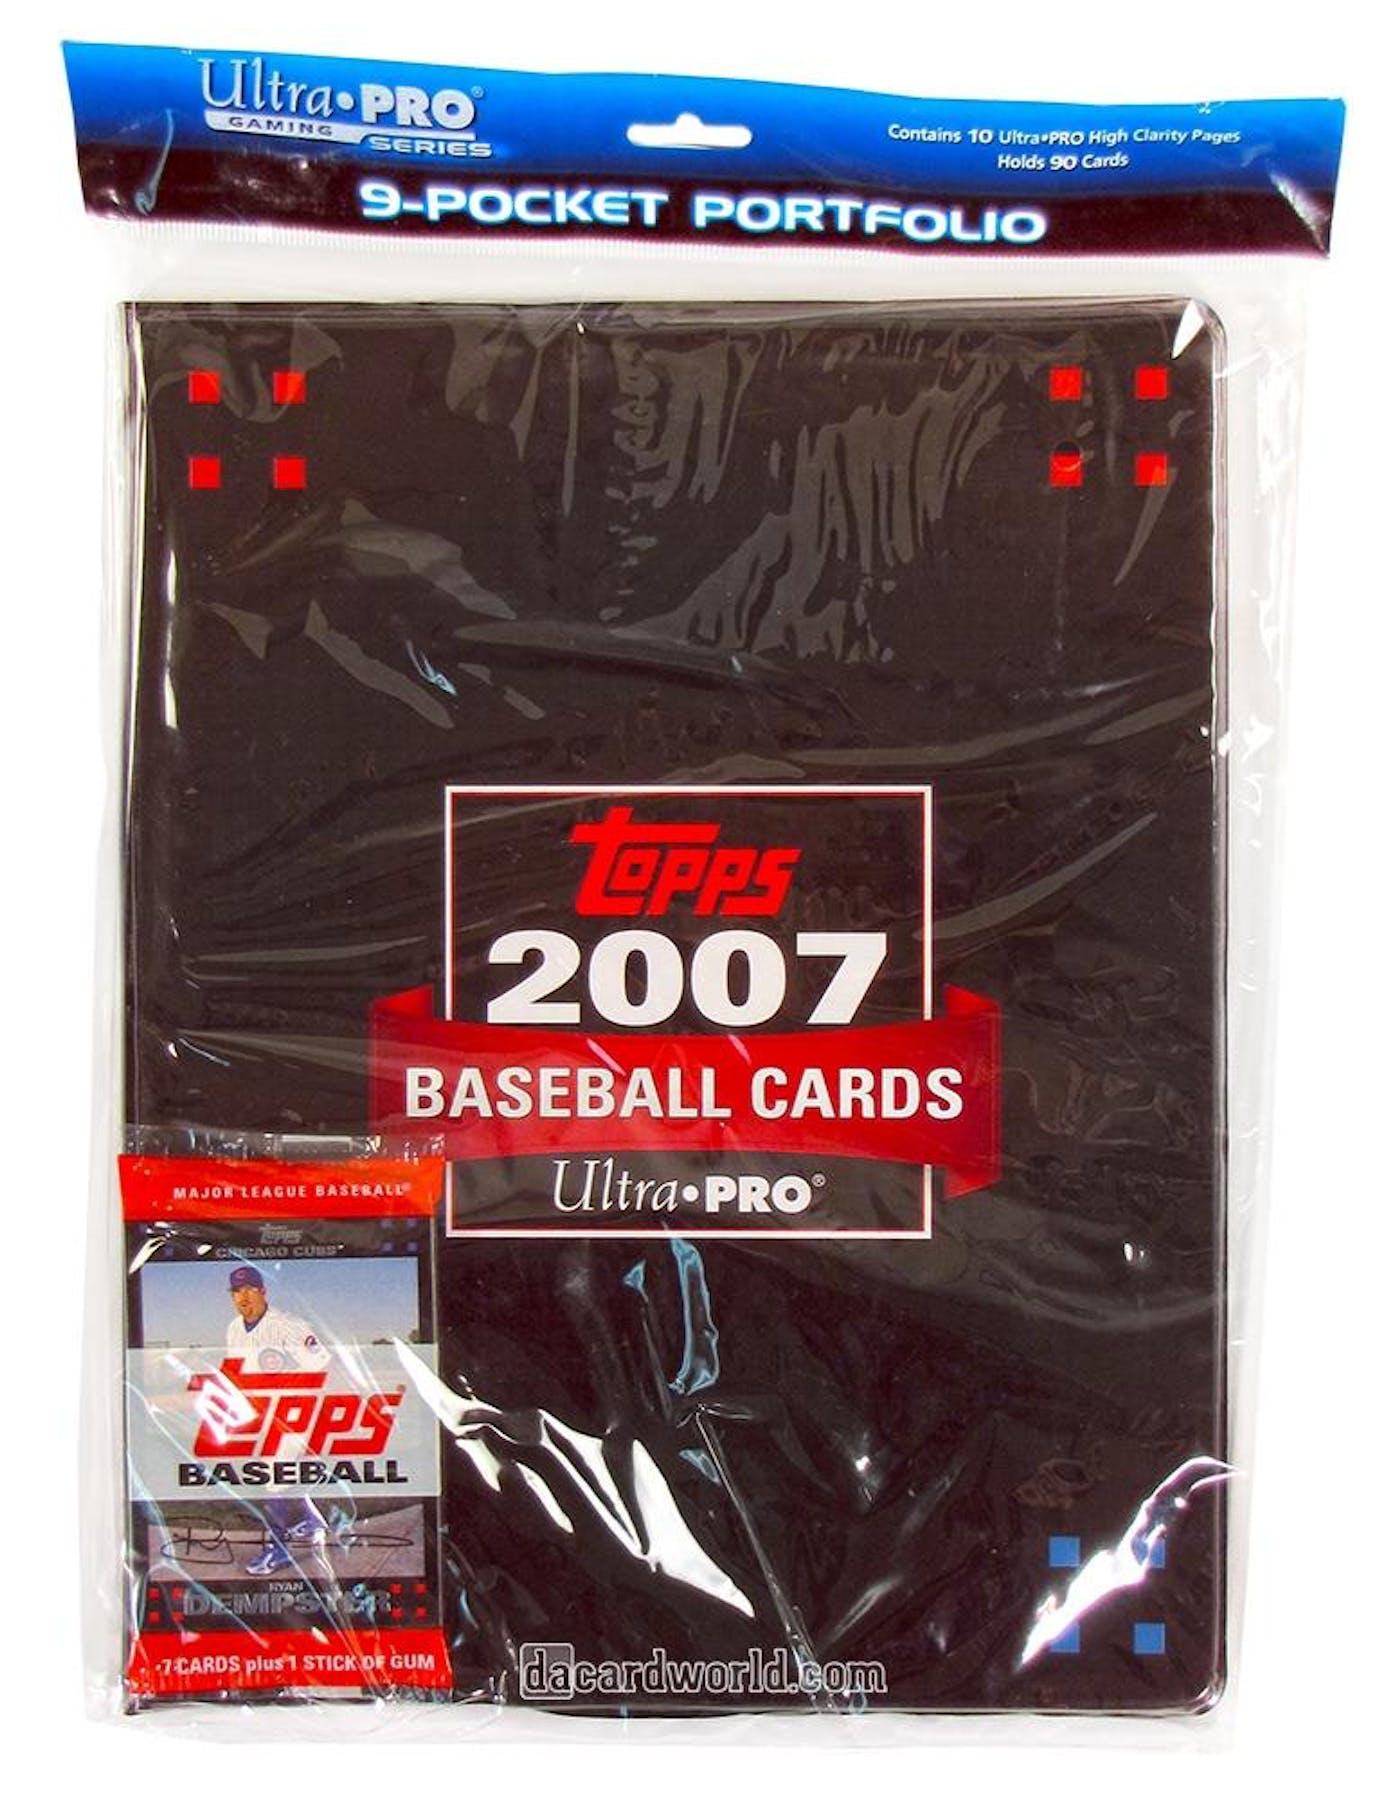 Ultra Pro Topps Baseball 9 Pocket Portfolio 10 Pages 1 Pack Of 2007 Topps Baseball